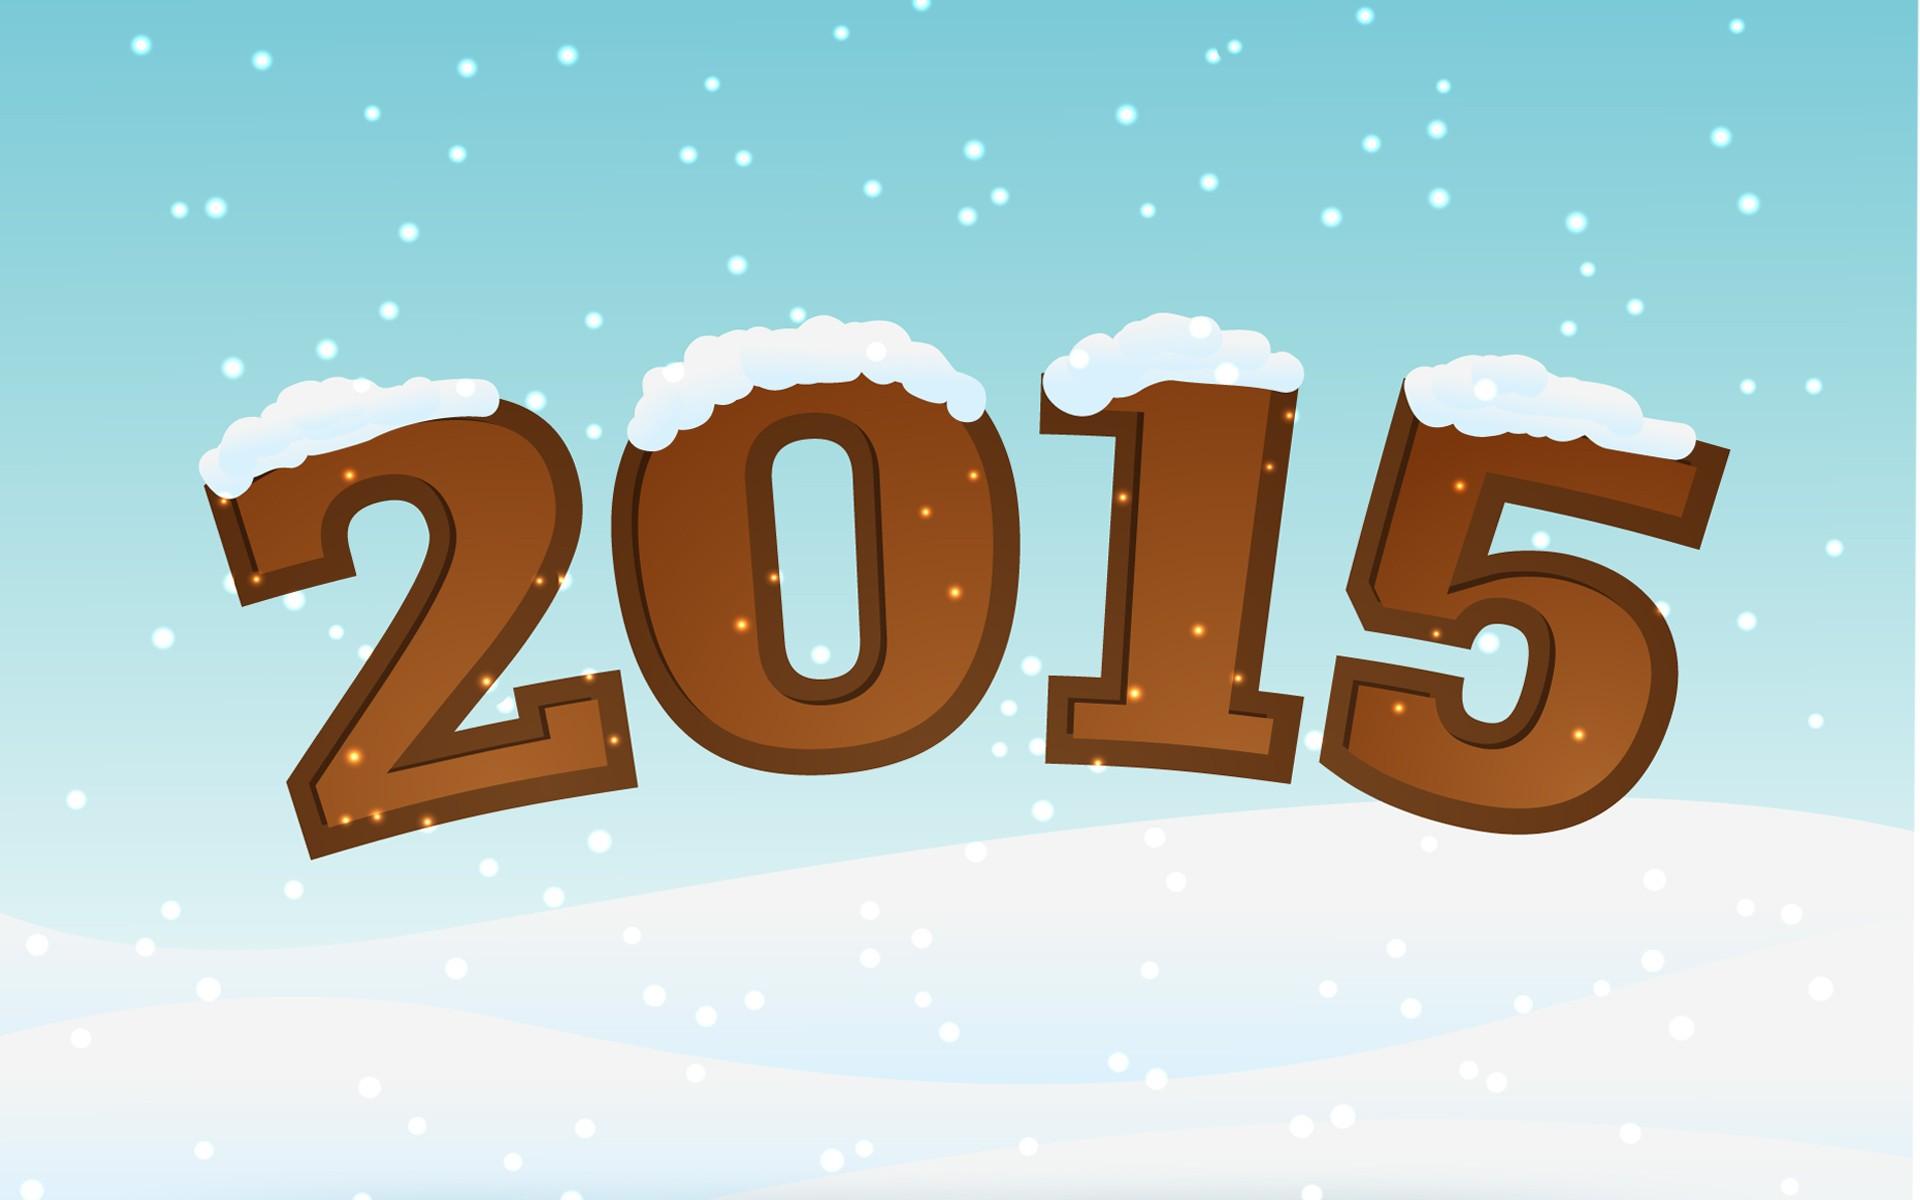 Рожицы, картинки с надписью 2015 год